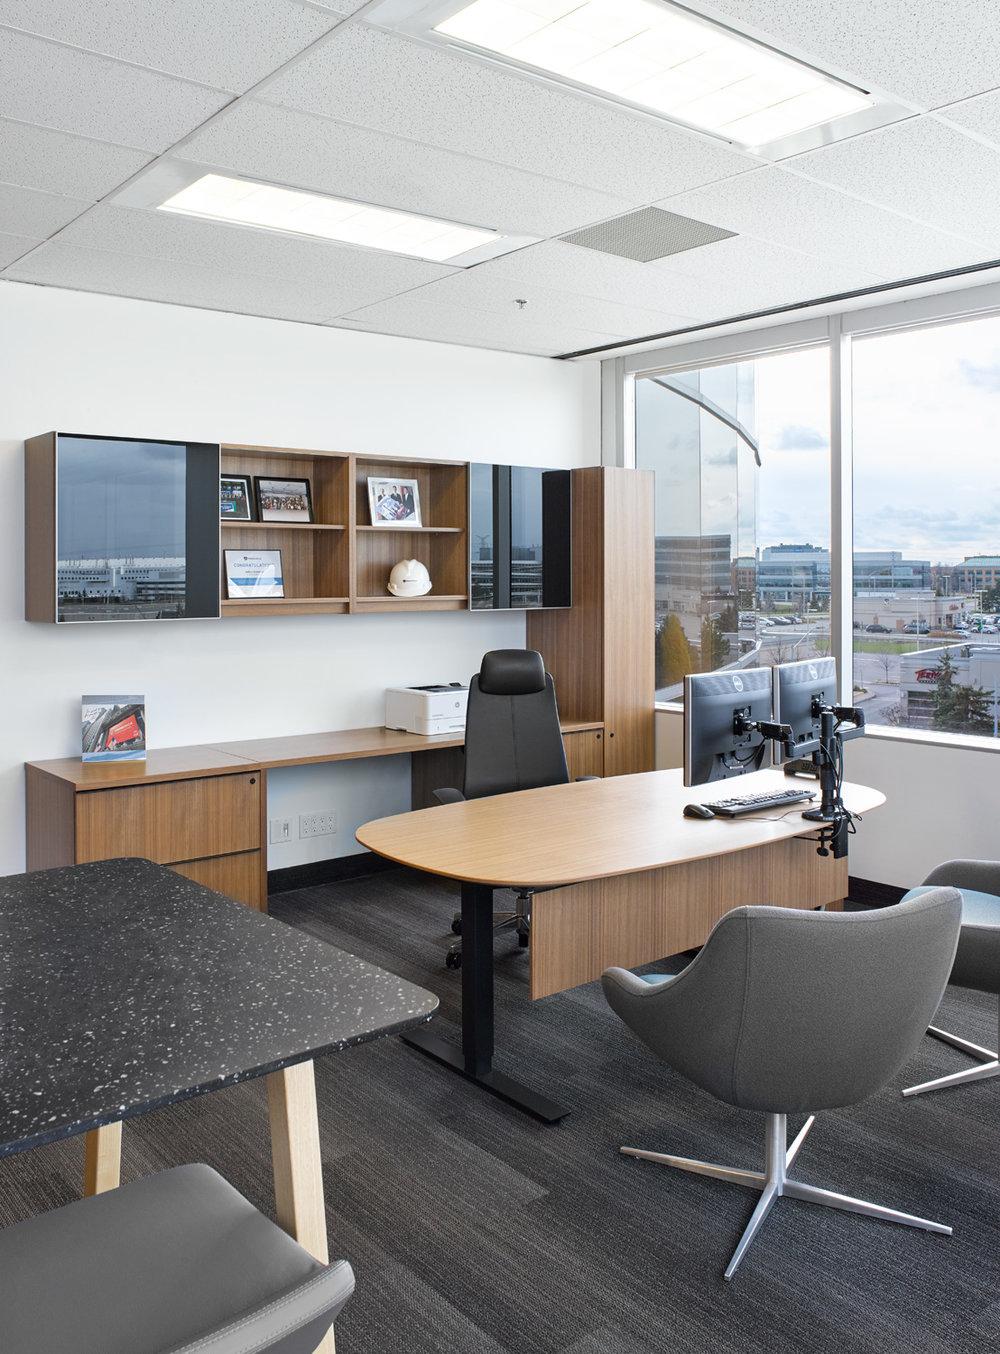 Primerica - Office 2 - Nov. 2018.jpg